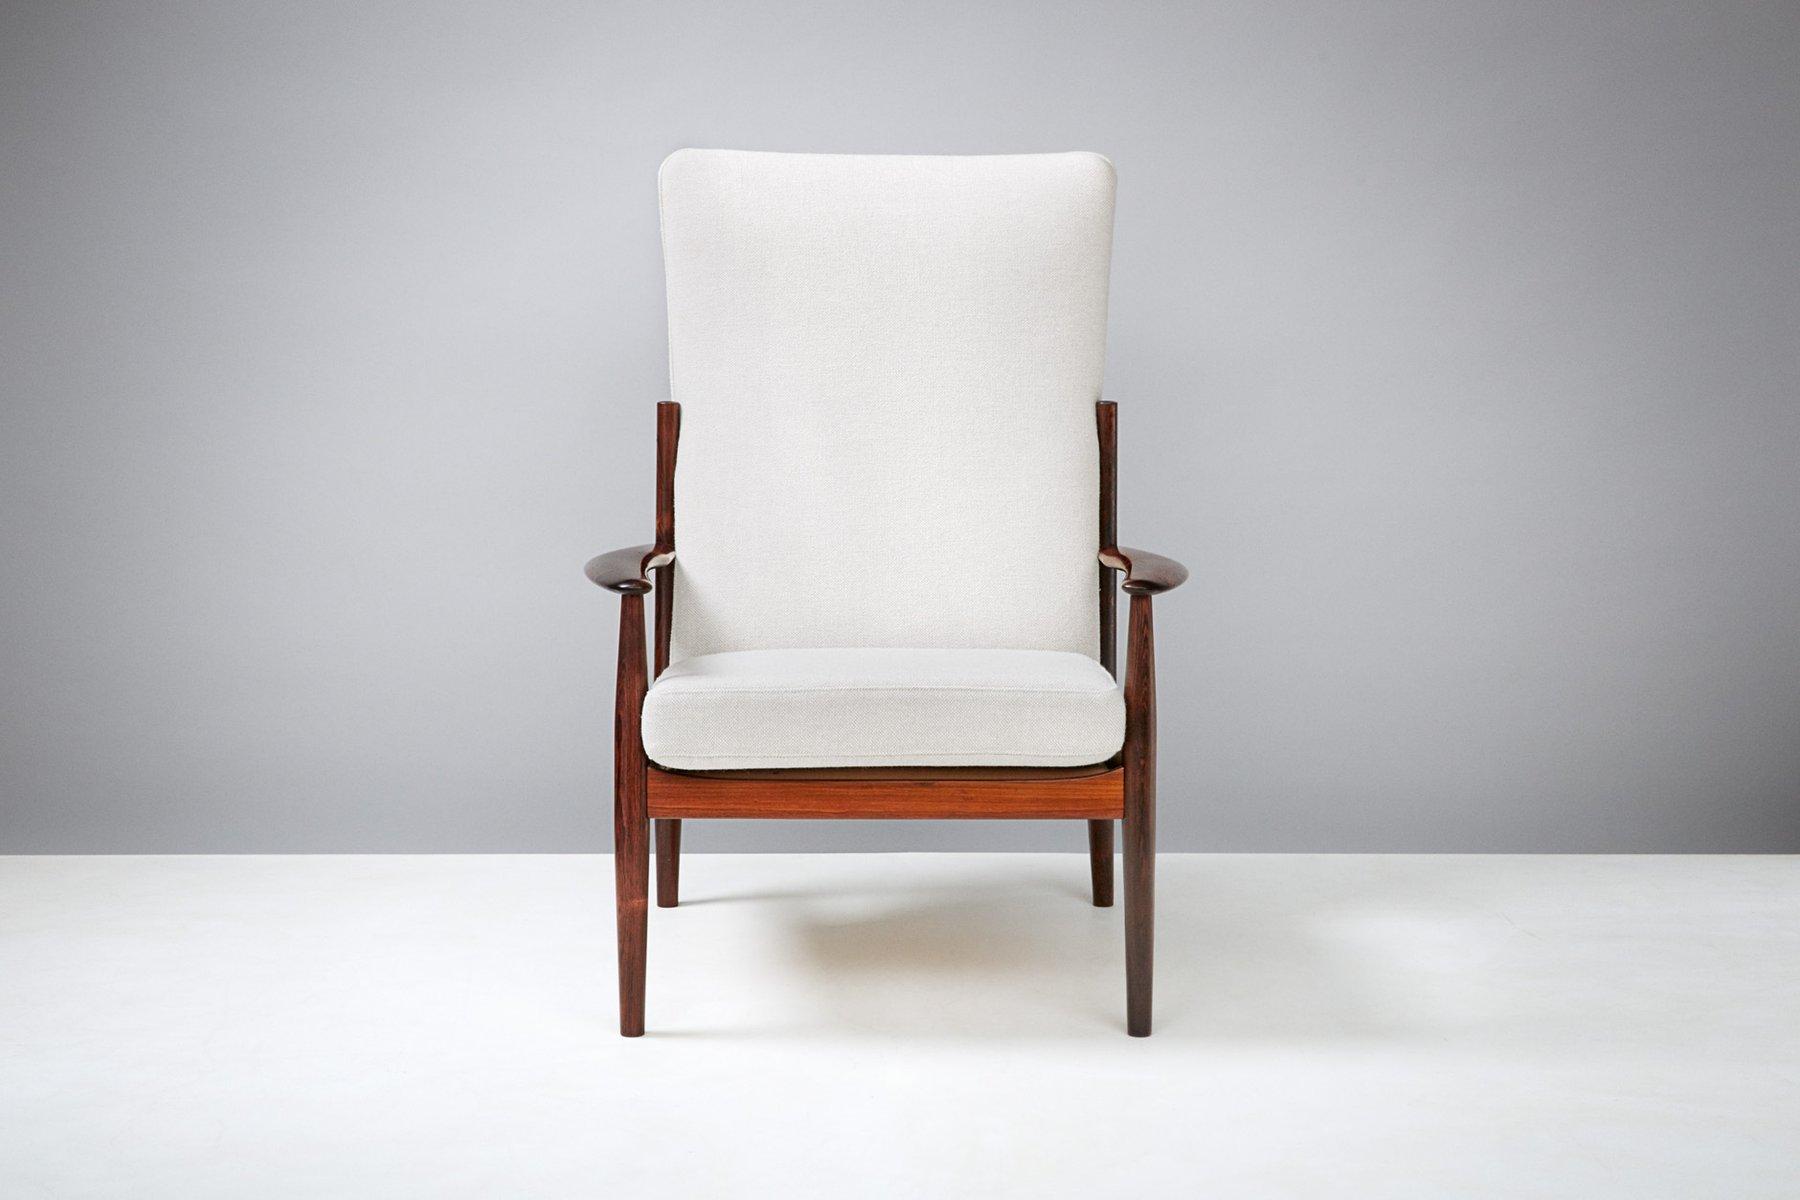 Brilliant Sessel Hohe Rückenlehne Beste Wahl Vintage Mit Hoher Rückenlehne Von Grete Jalk